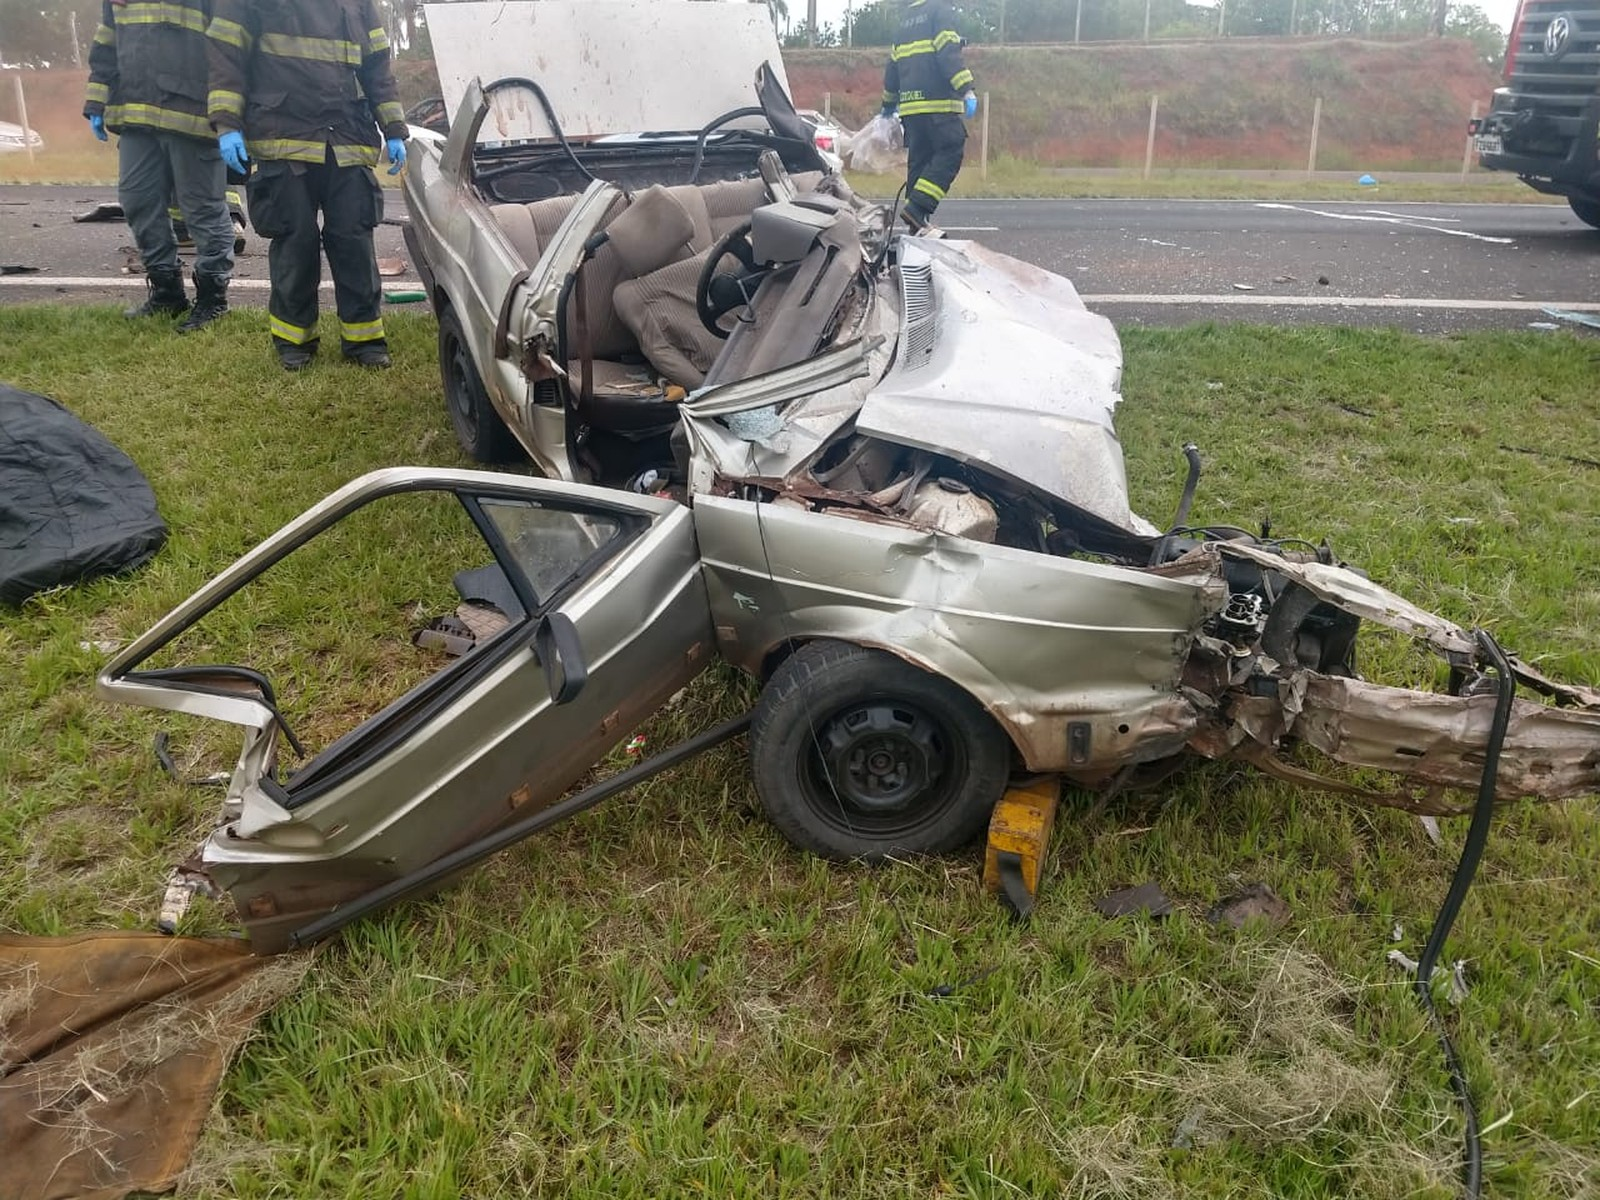 Homem matou a companheira e depois se suicidou batendo o carro em um caminhão — Foto: Murilo Zara/TV Fronteira